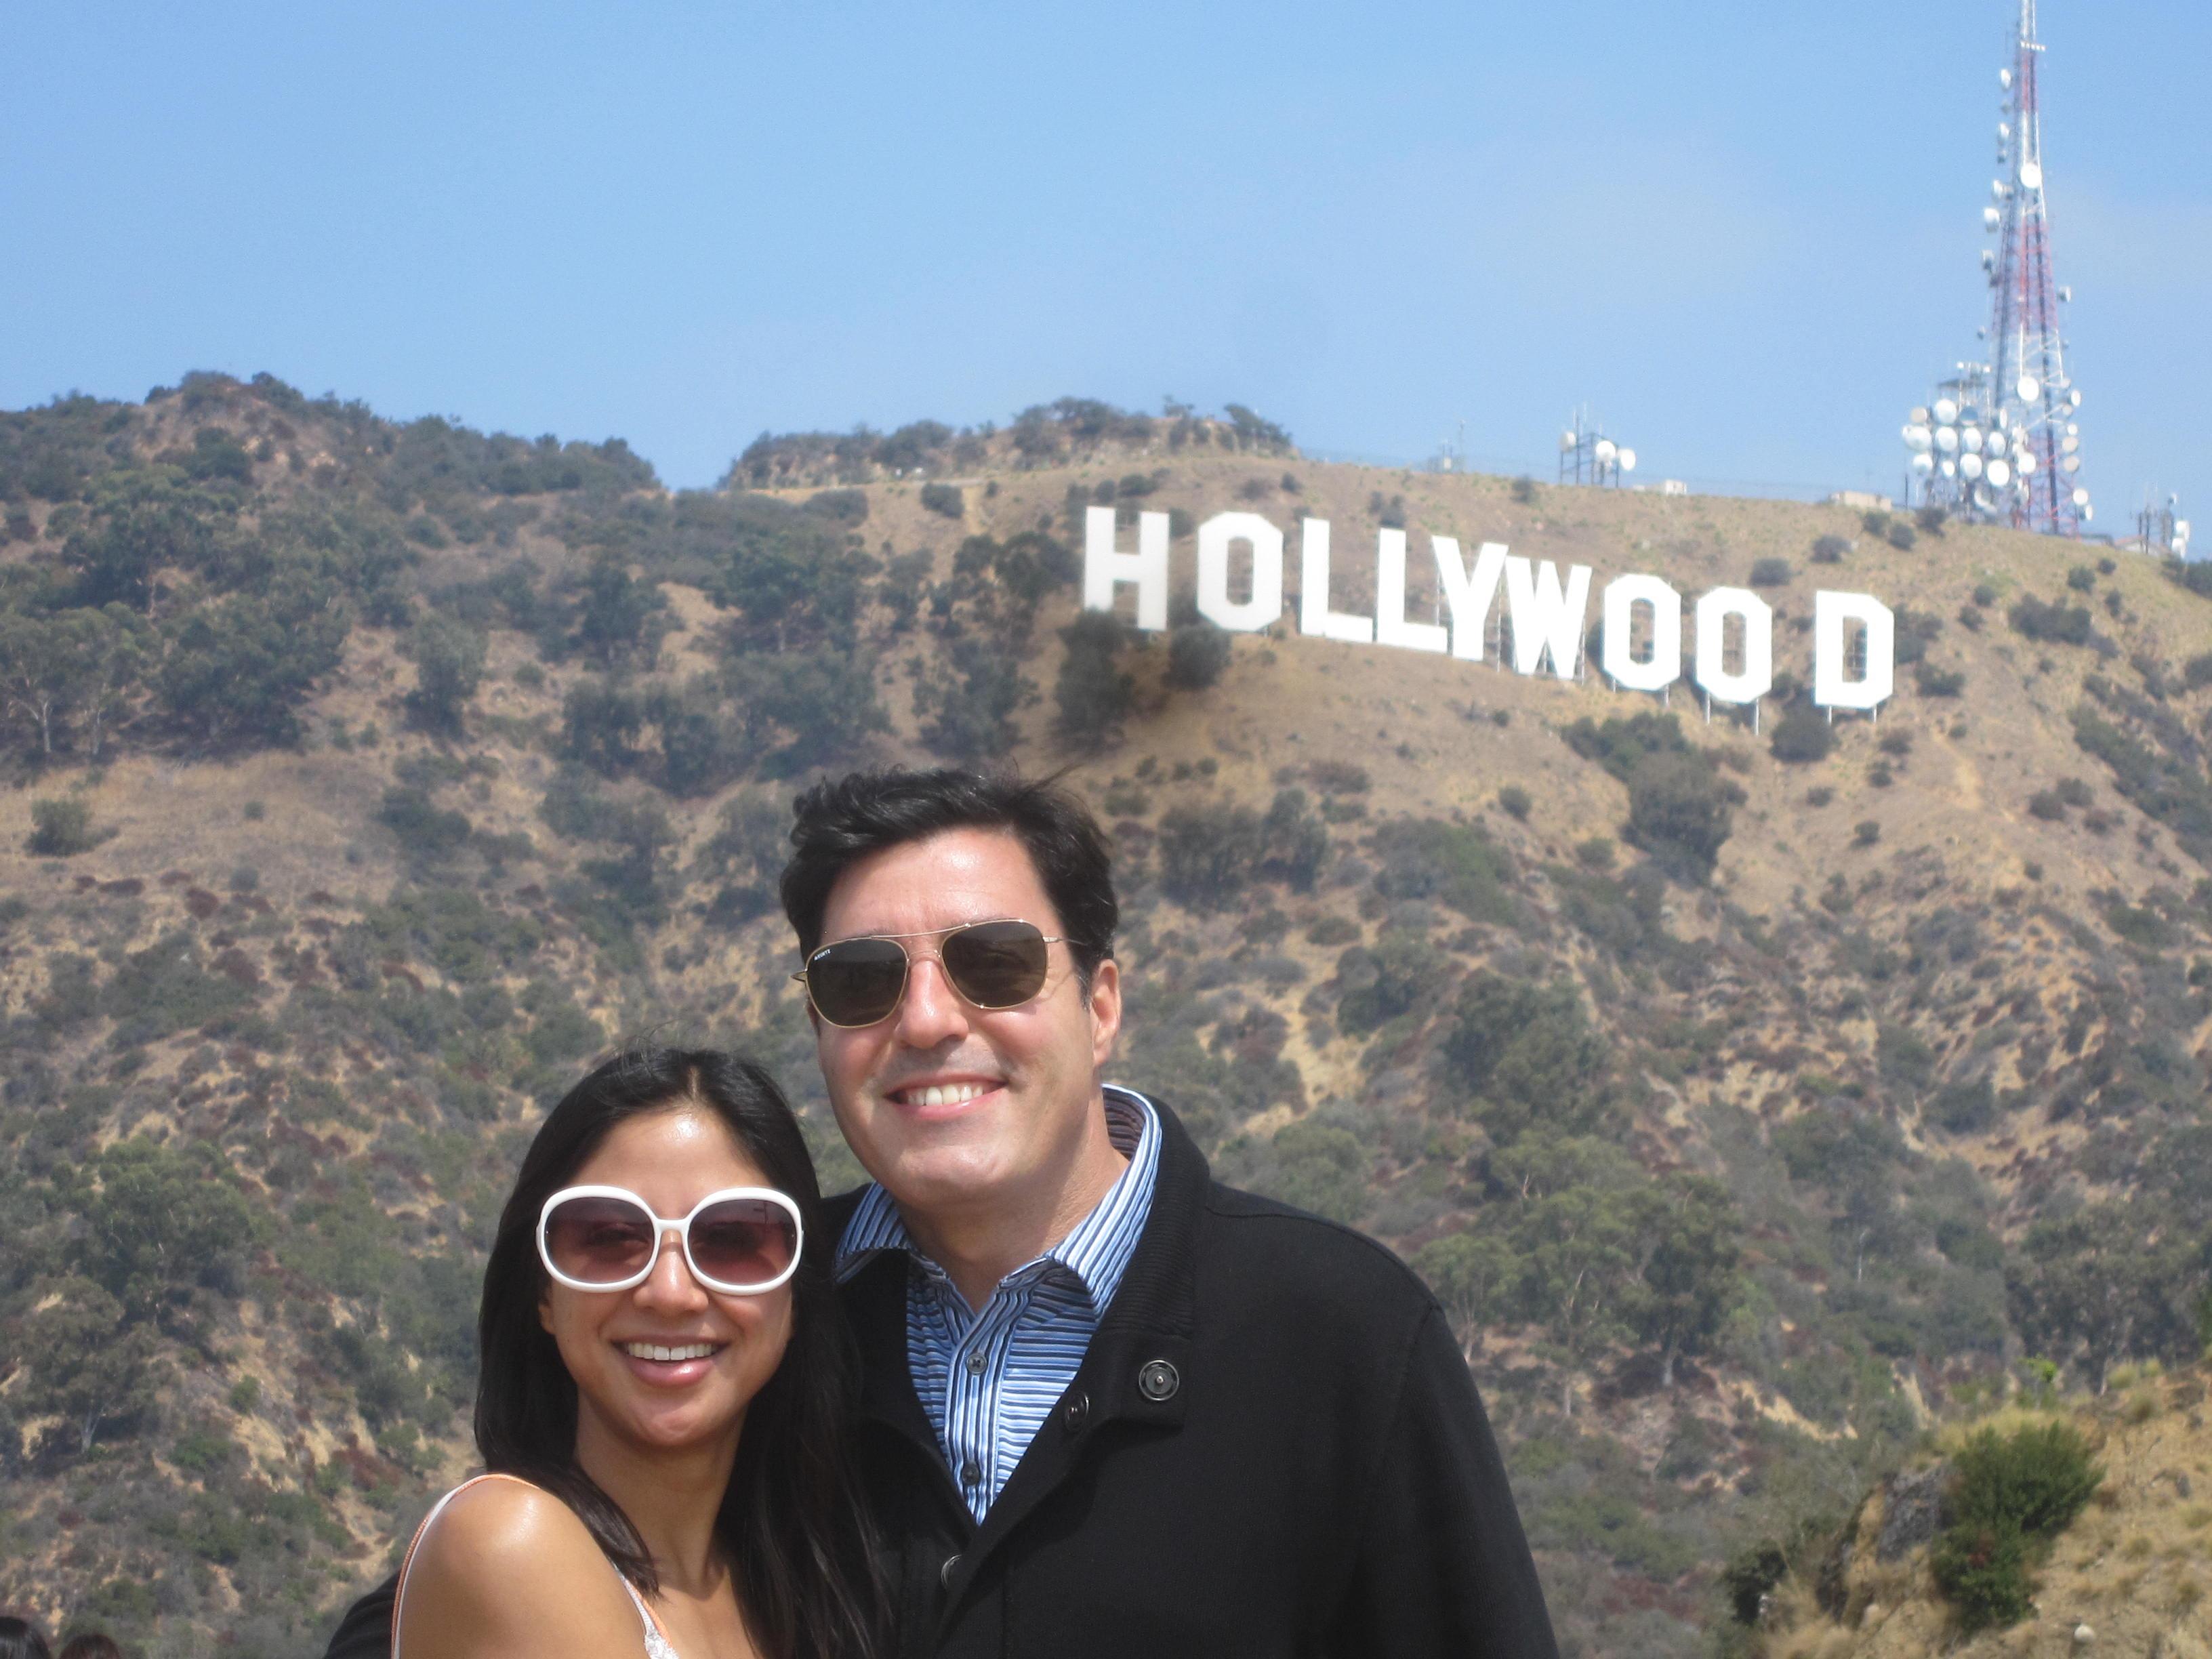 Fashion Friday: Hollywood